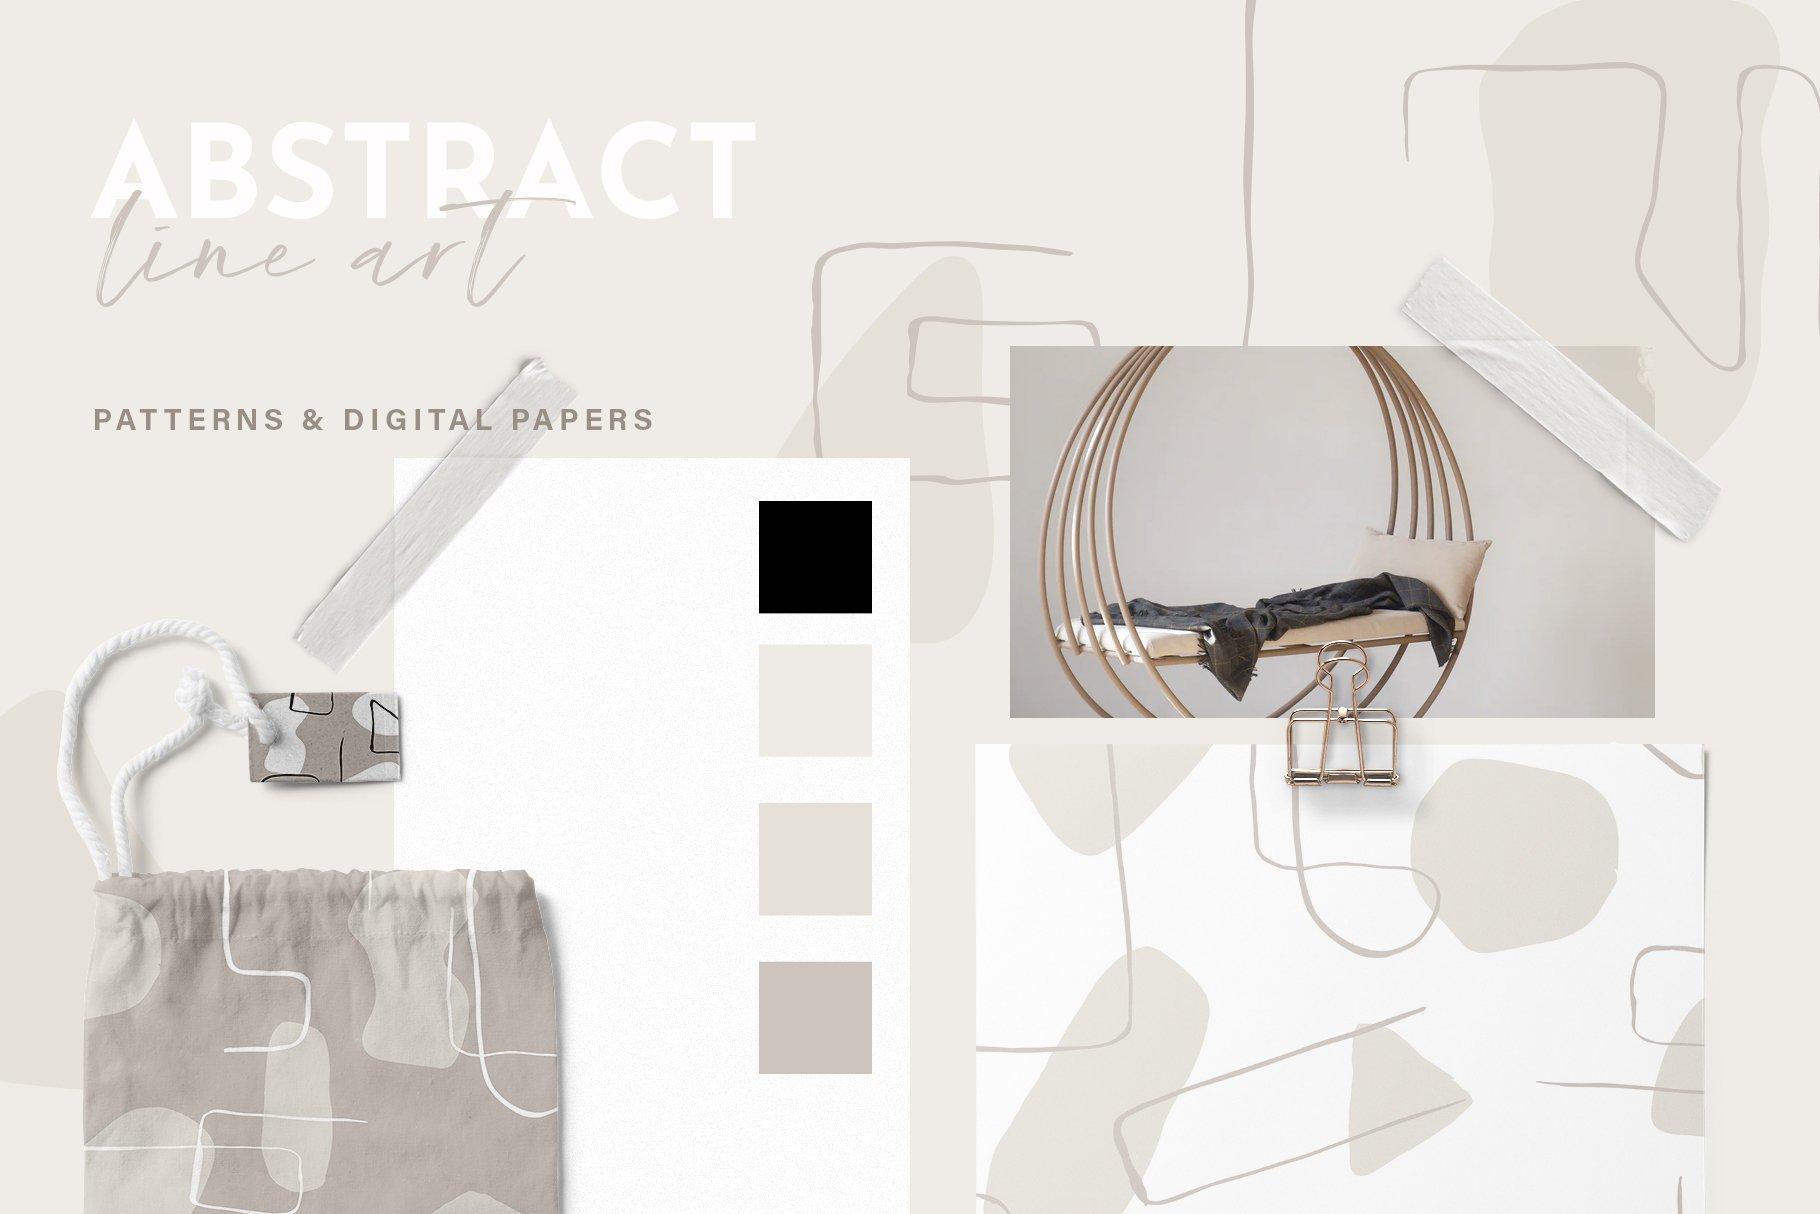 抽象艺术线条无缝隙矢量图案设计素材 Abstract Line Art Seamless Patterns插图6